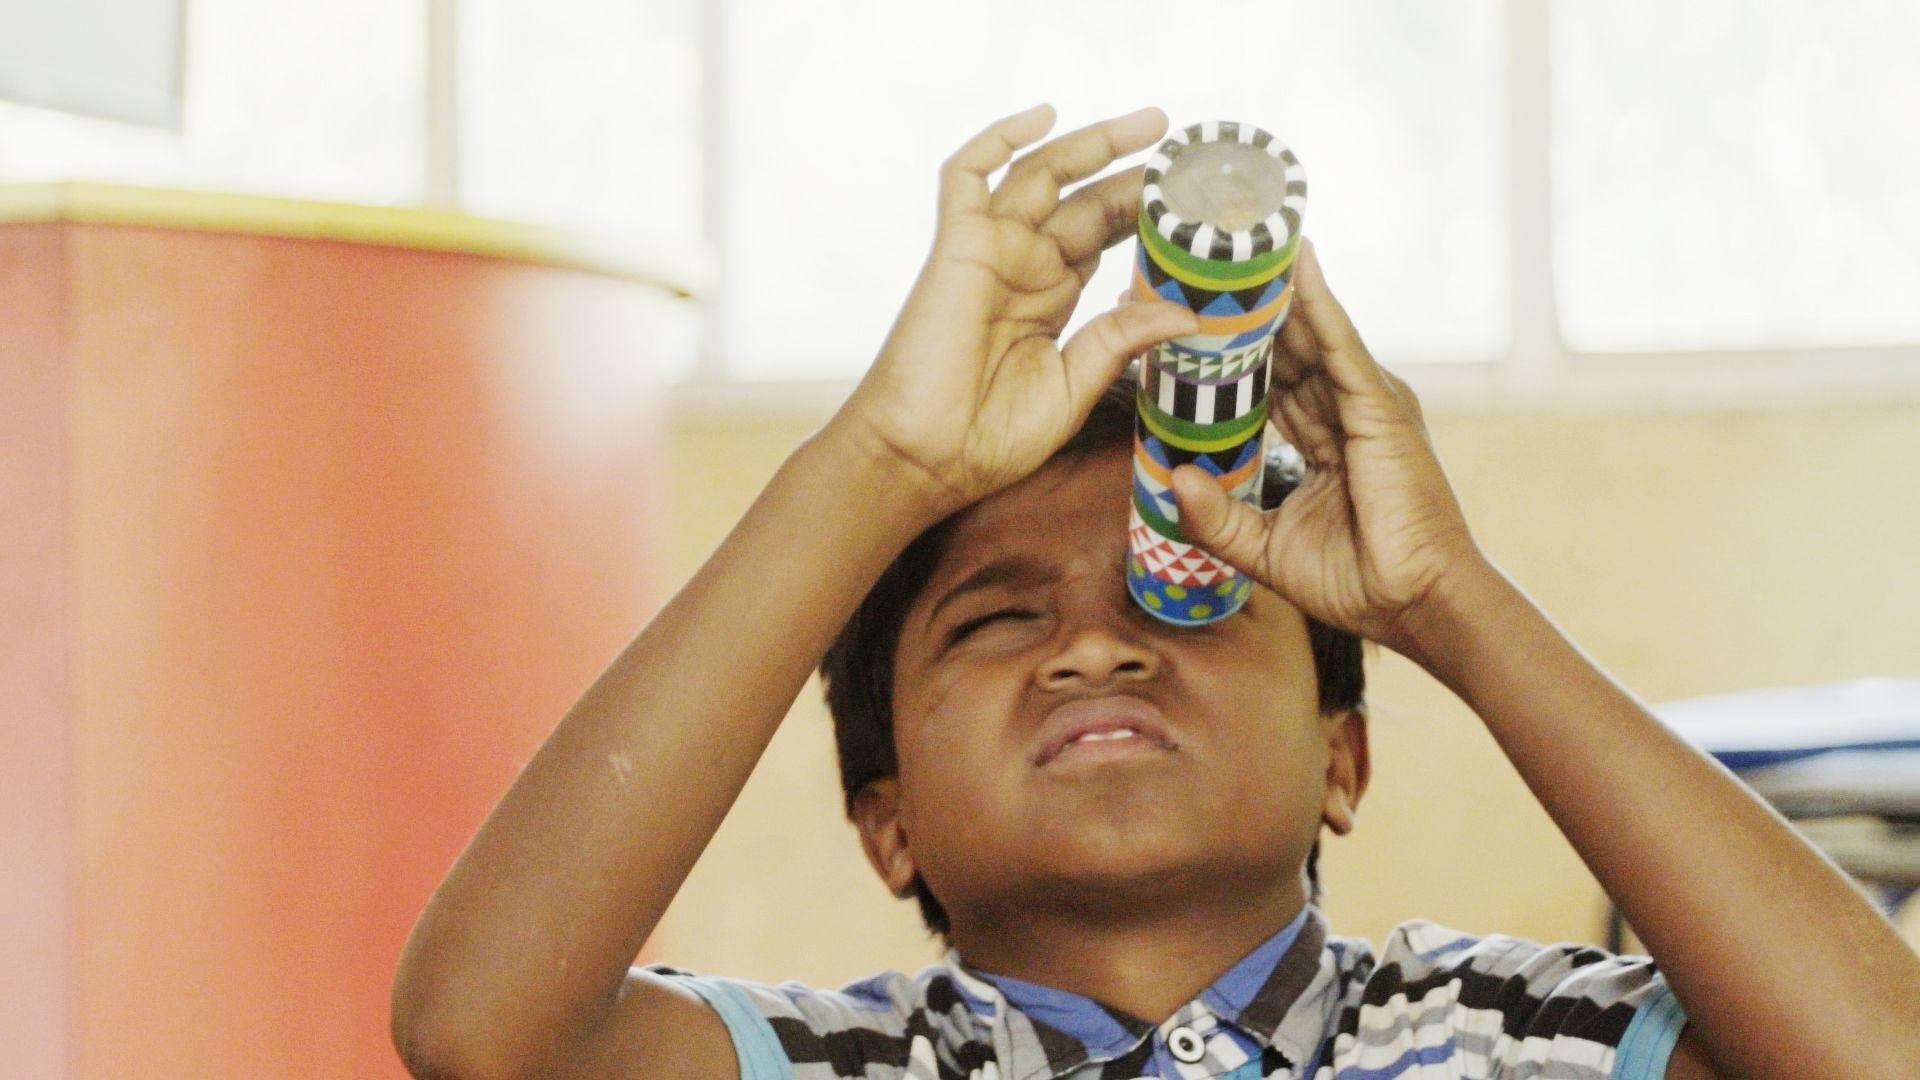 An indian boy looks through a kaleidoscope